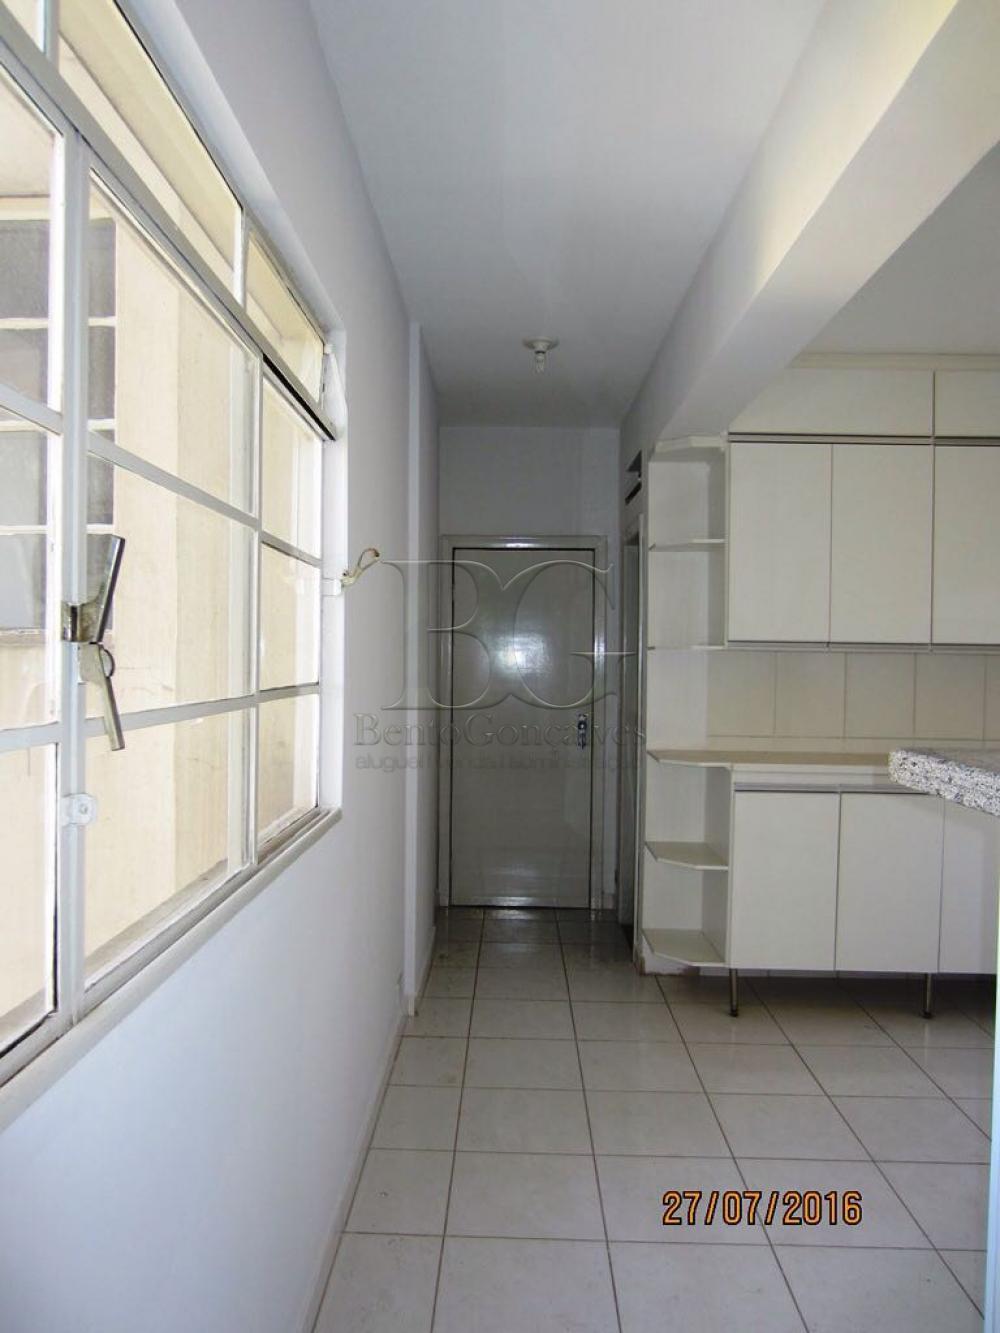 Comprar Apartamentos / Padrão em Poços de Caldas apenas R$ 440.000,00 - Foto 6